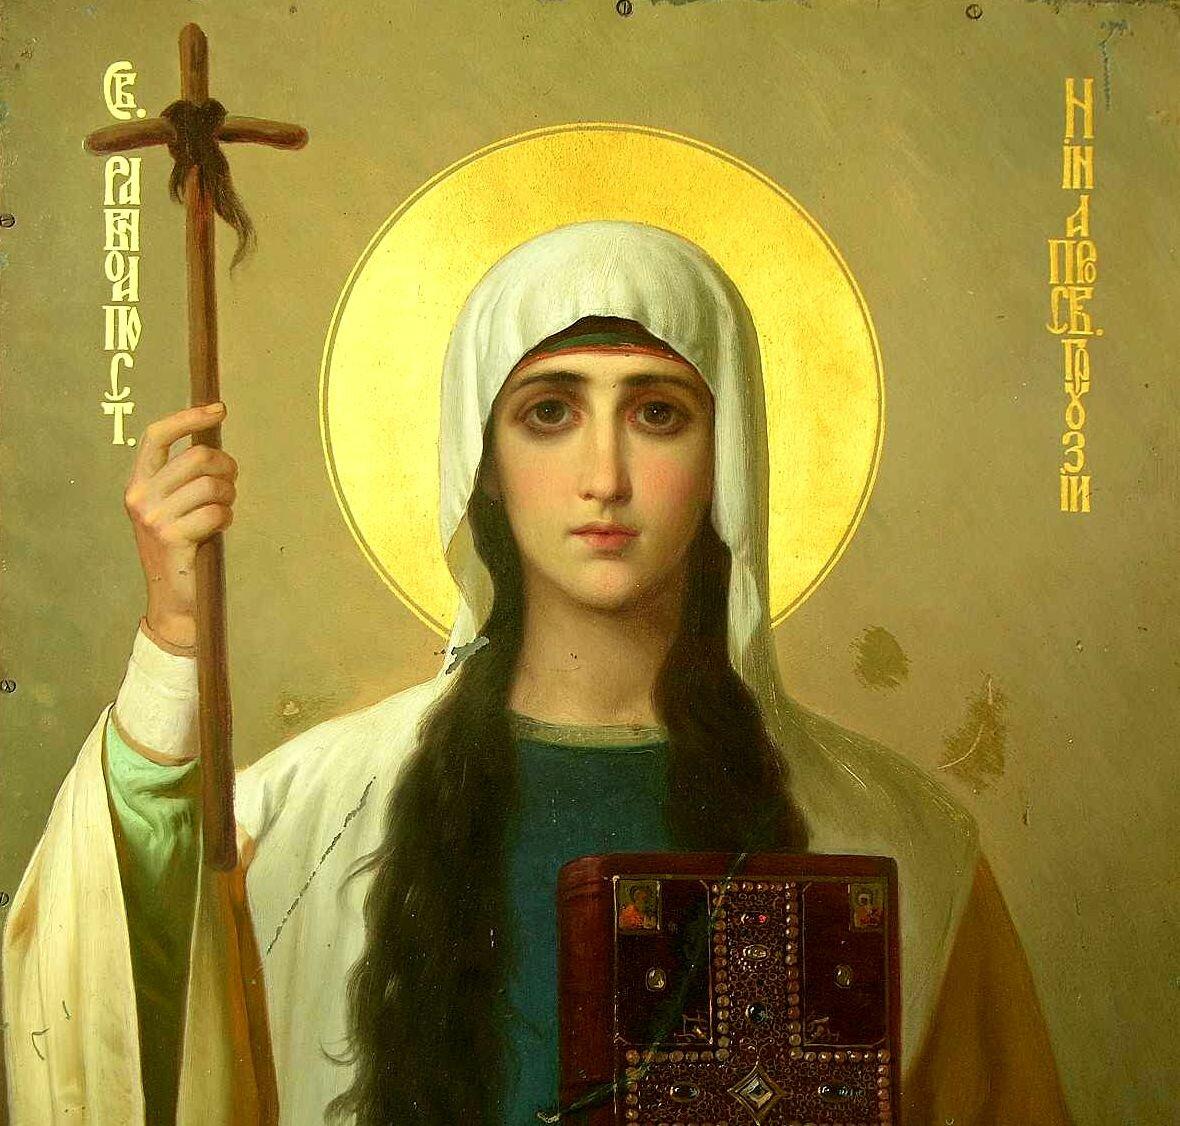 مقدس نینا سهم بزرگی به دین در سراسر گرجستان را ترک کرد. او بود که او را به مسیحیت هدایت کرد